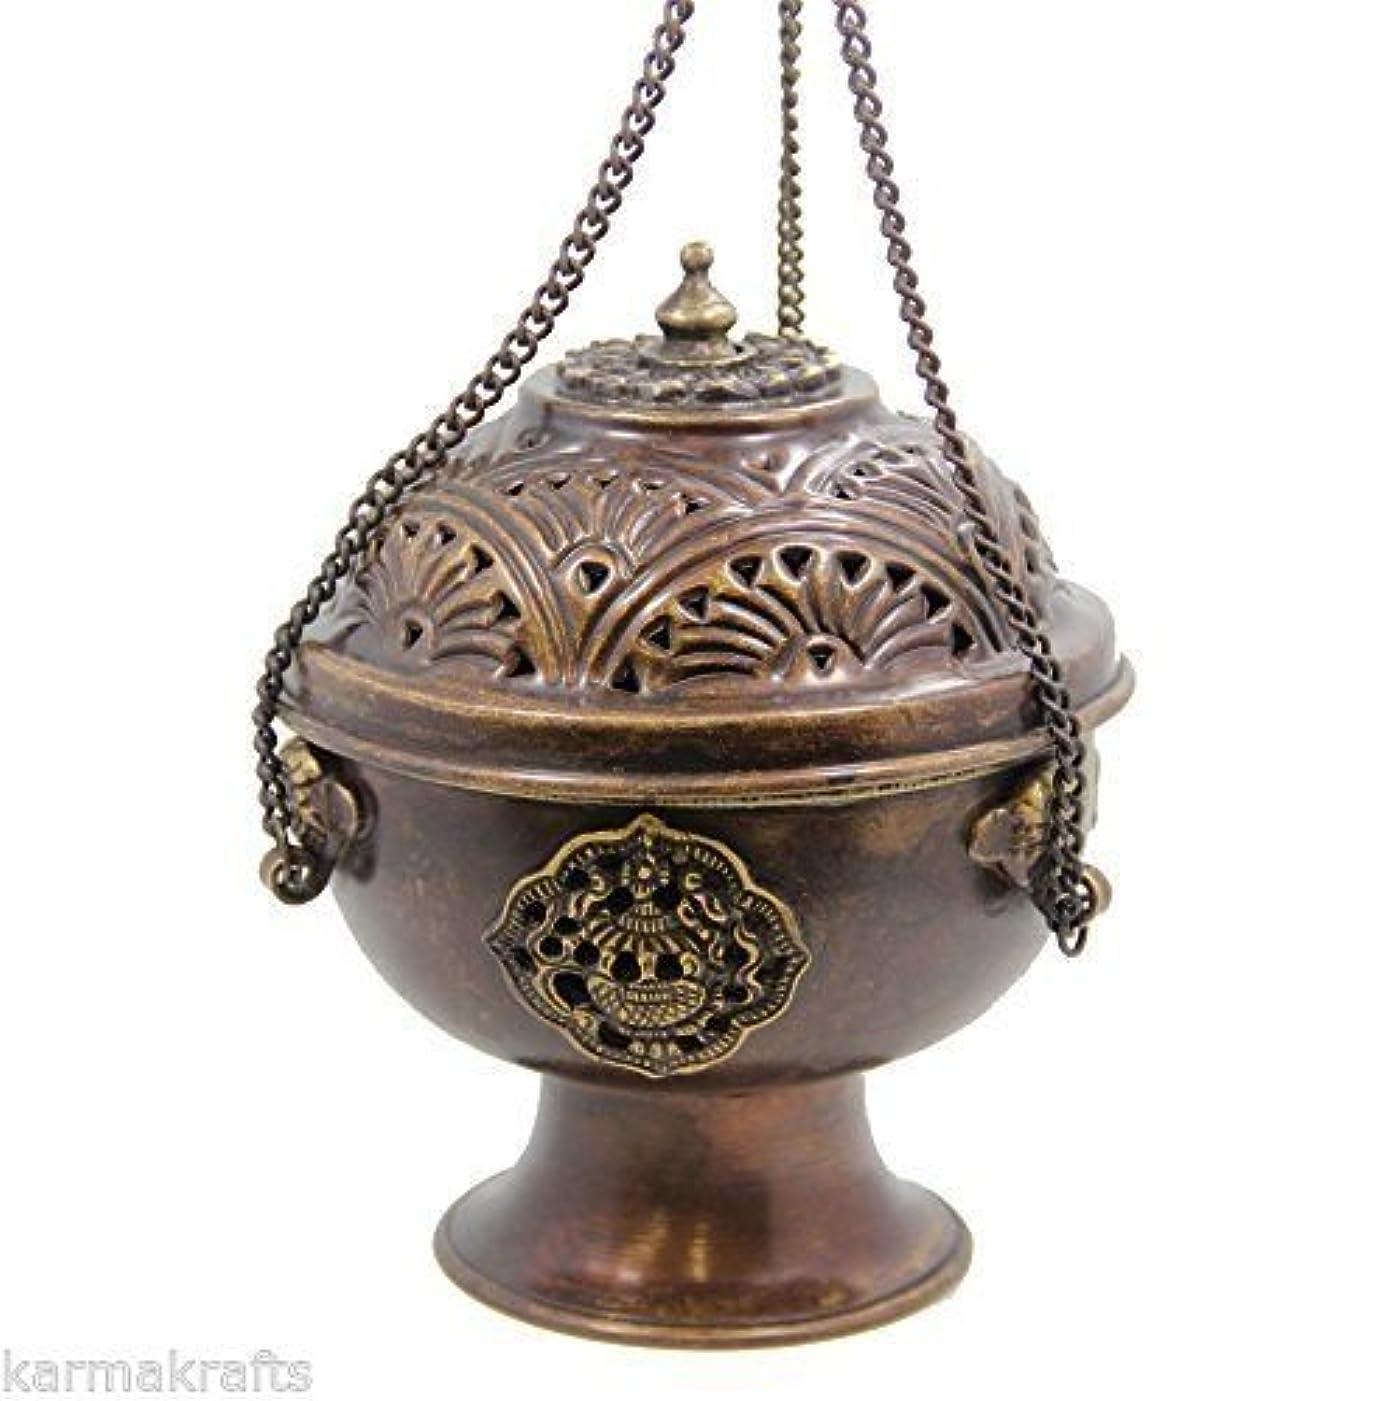 チベットHanging DharmaObjects Incense Burner ~銅W /チベットシンボル~ 5.25